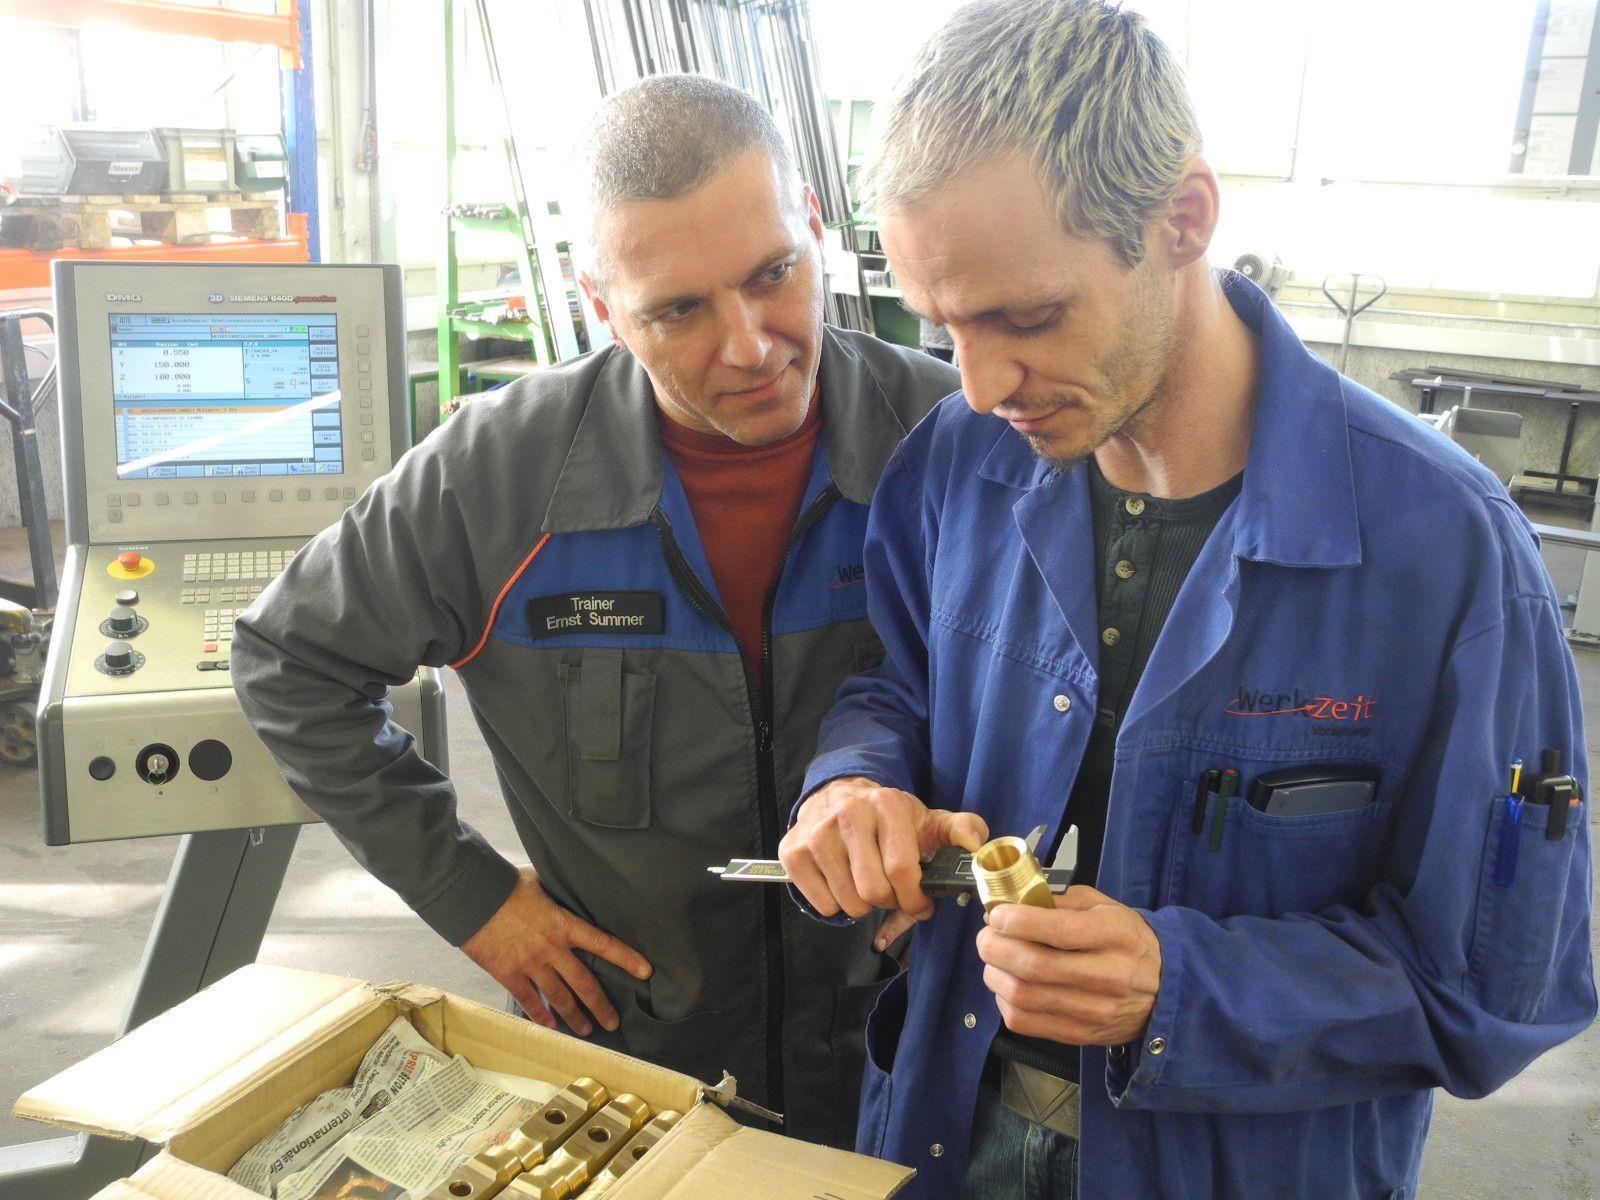 Trainer betreuen die Auszubildenden in der Metallwerkstätte der Werk-Zeit in Feldkirch